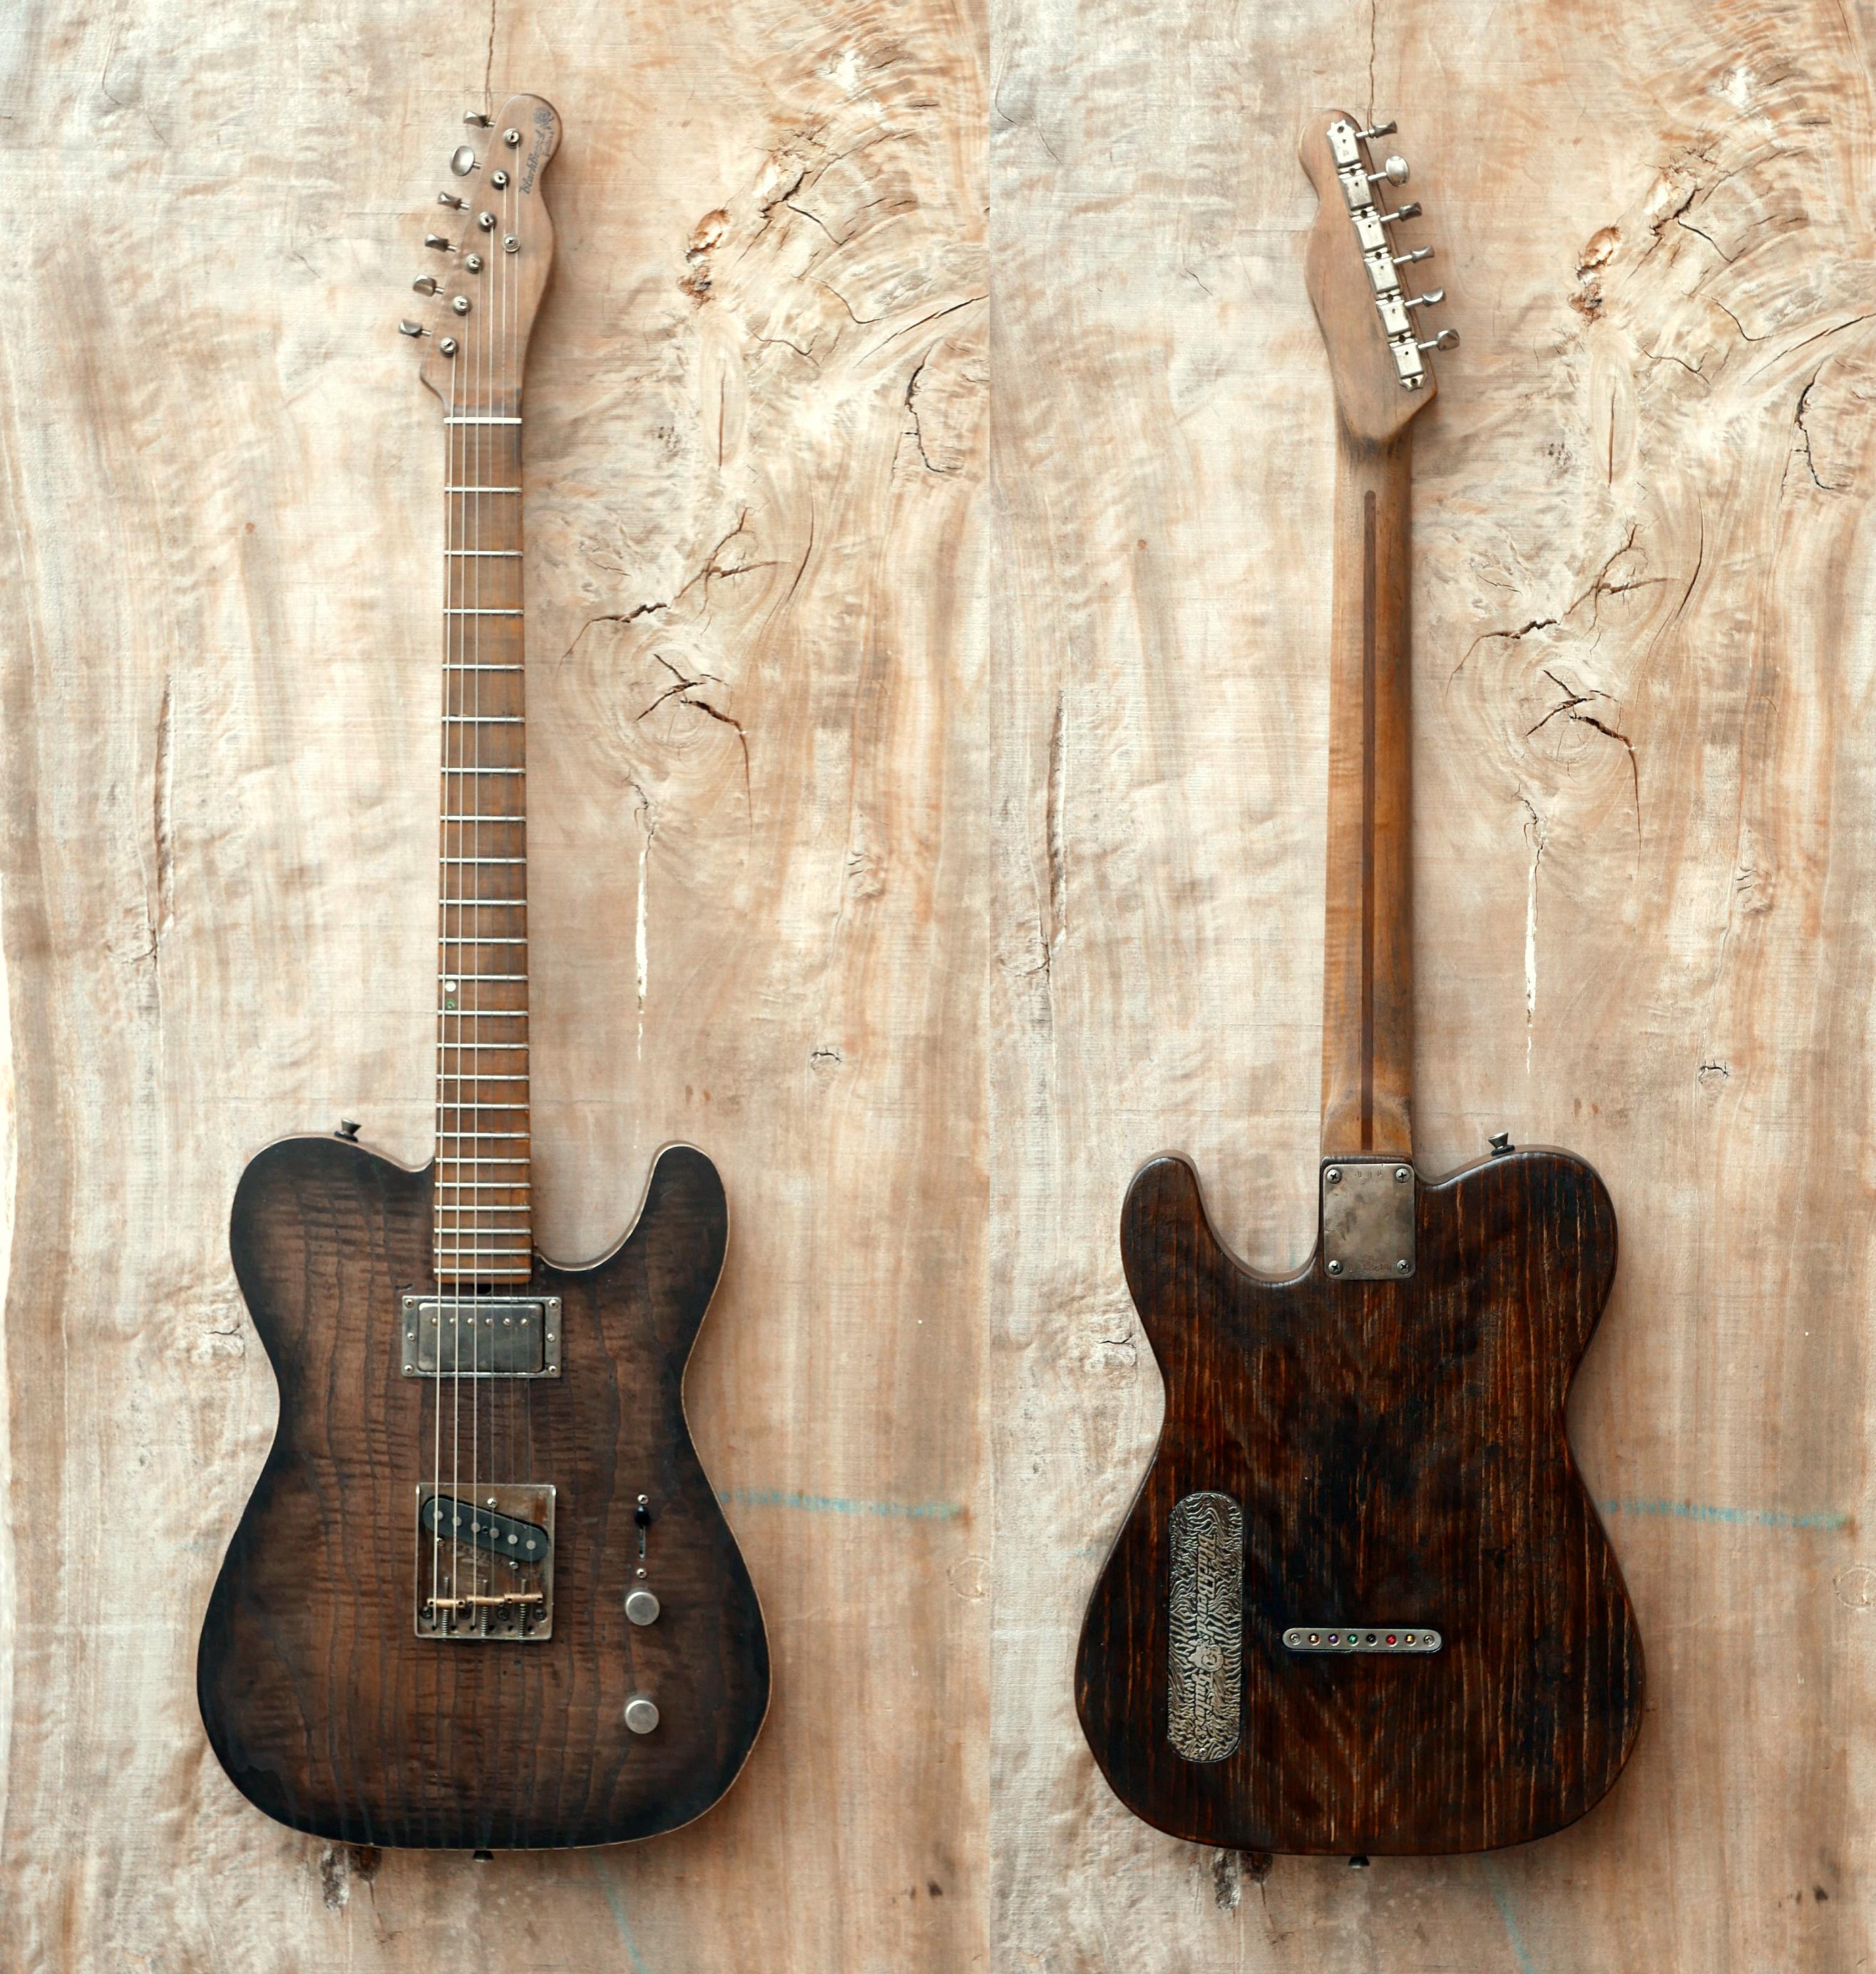 chitarra appesa fronte retro